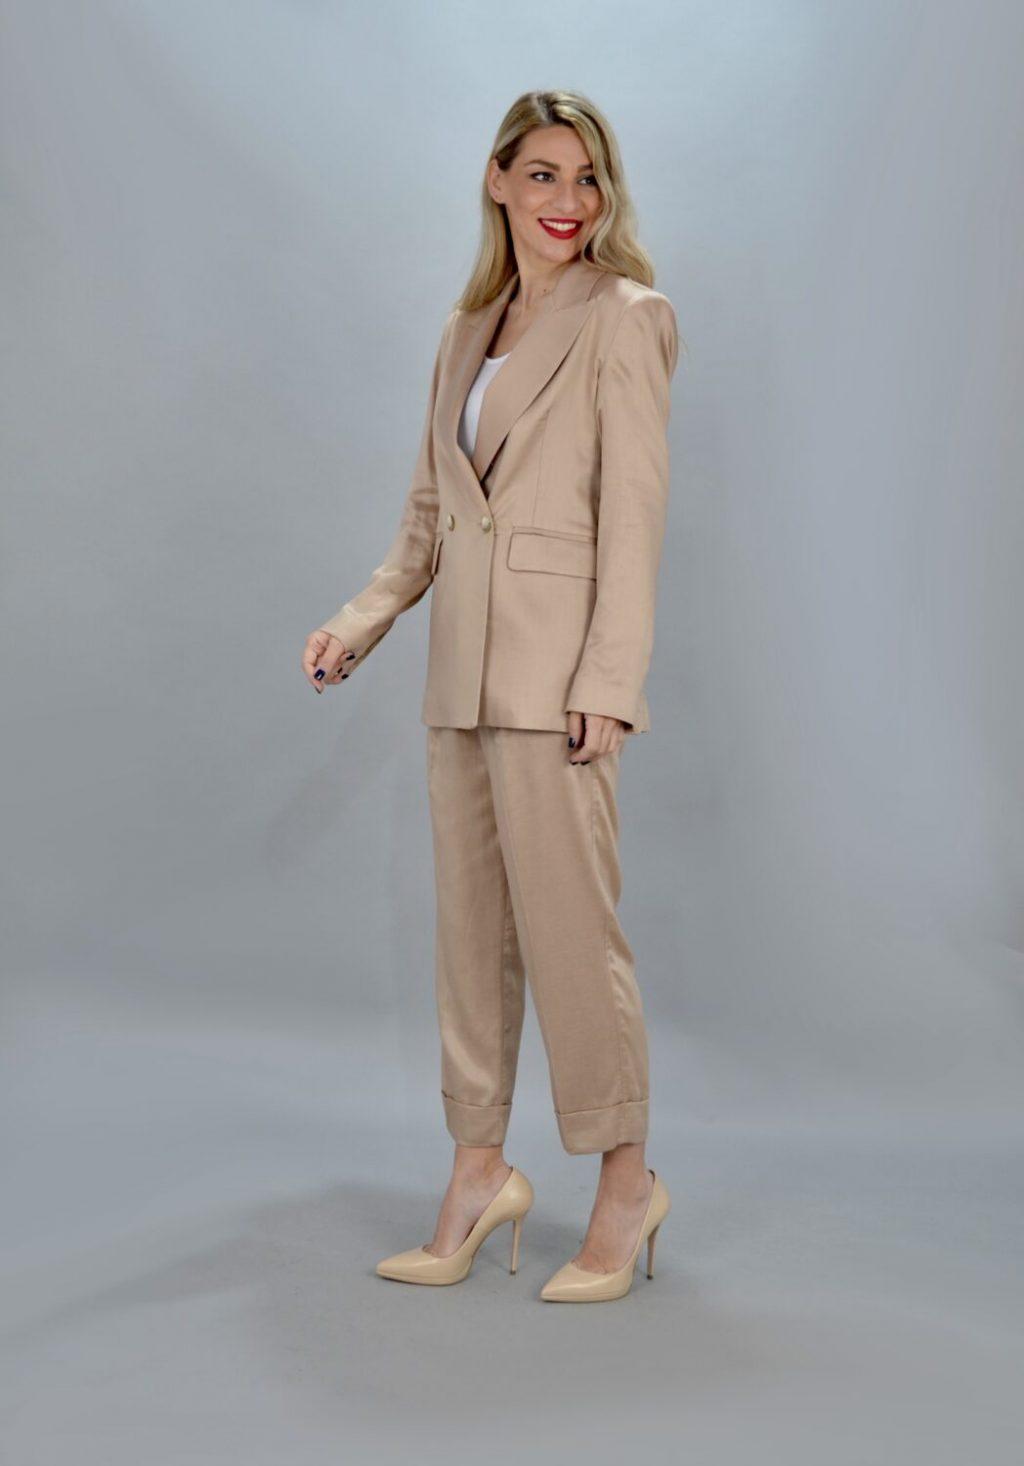 Γυναικεία Ρούχα TWENTY-29 ΚΟΣΤΟΥΜΙ ΜΠΕΖ